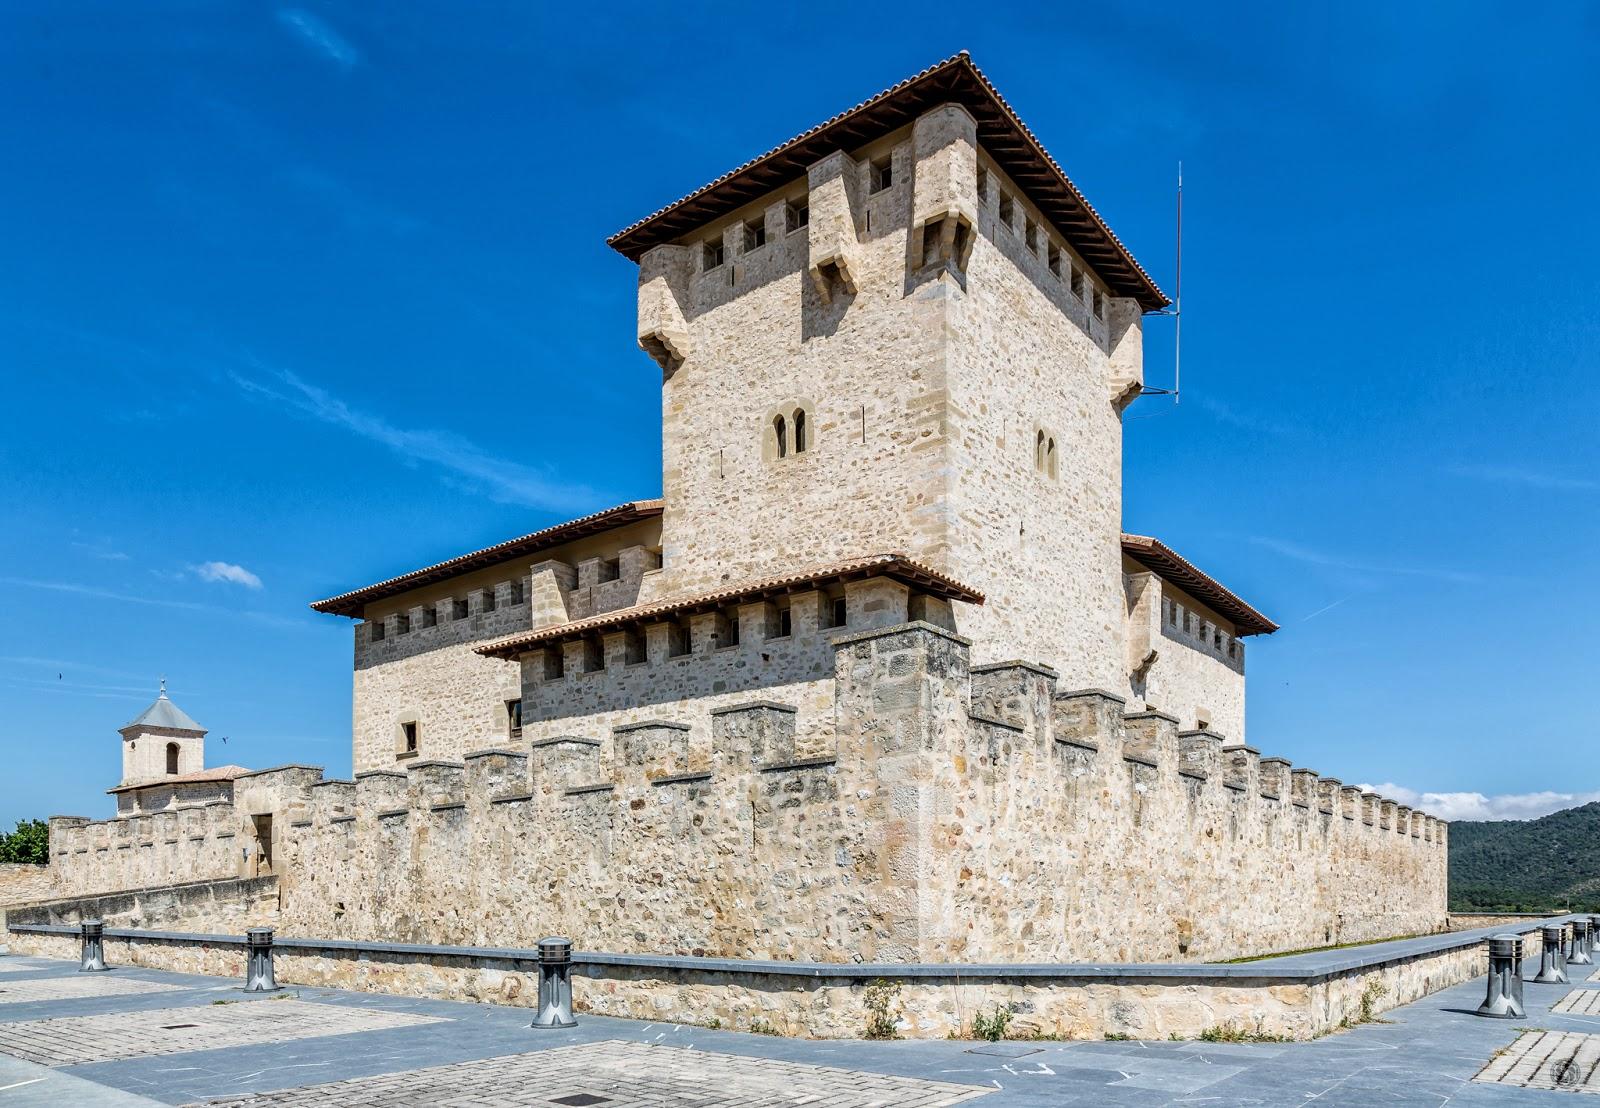 Torre-palacio de los Varona :: Canon EOS 5D MkIII | ISO100 | Canon 24-105 @24mm | f/10 | 1/160s